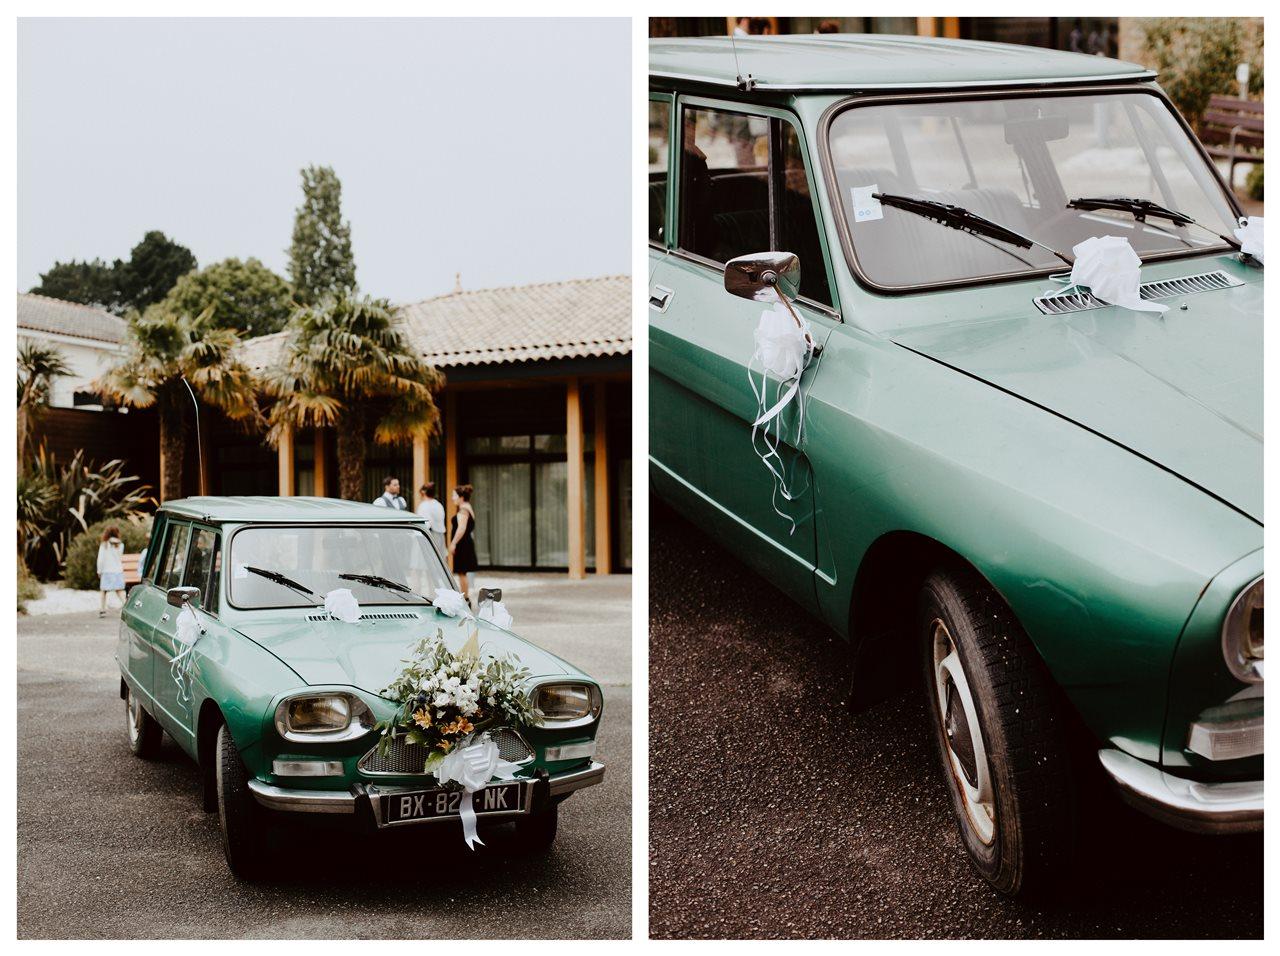 Mariage bohème nantes voiture citroën Ami 8 vert vintage